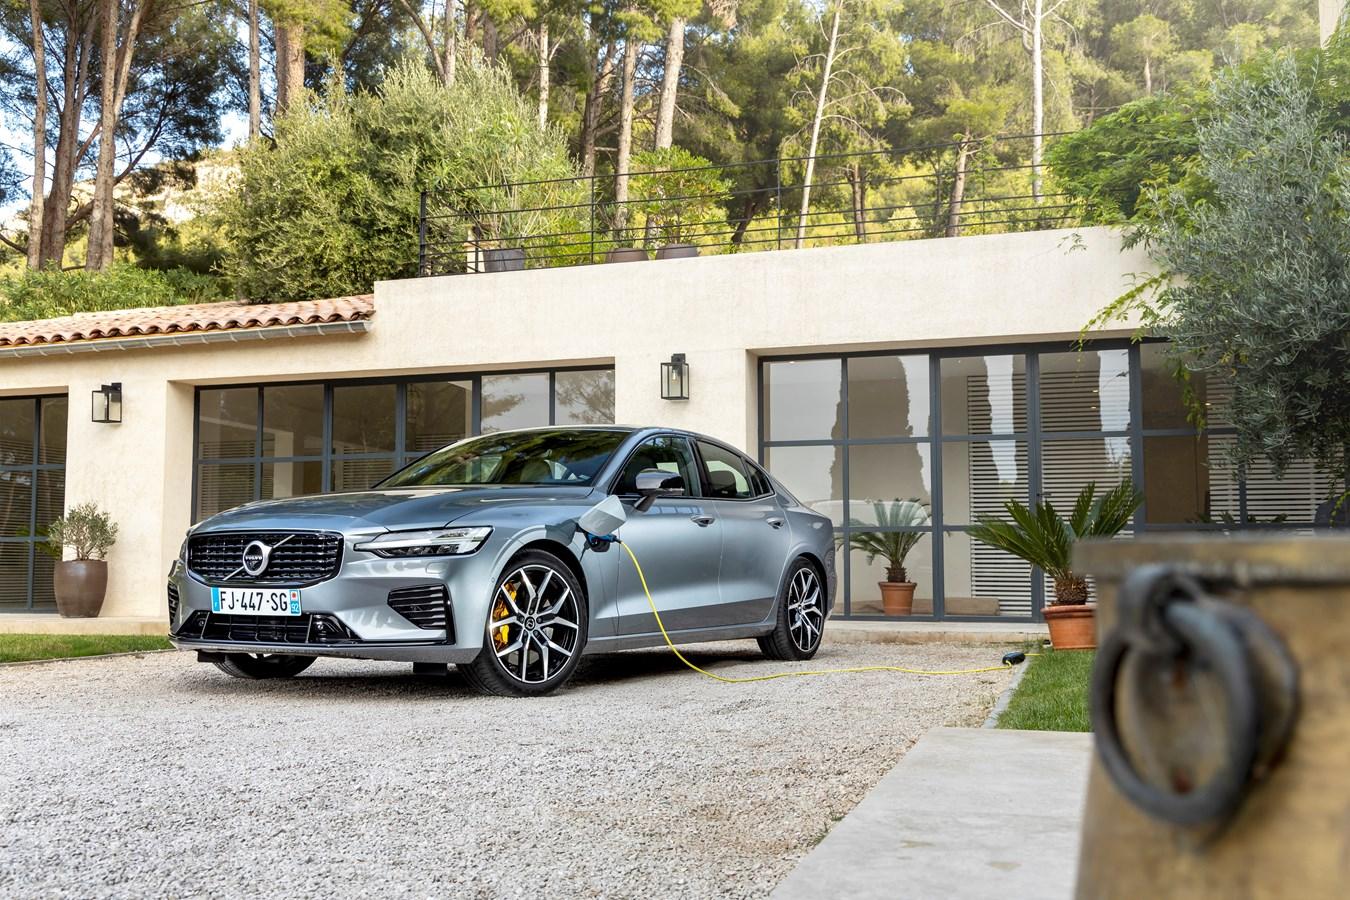 Nouvelle Volvo S60 T8 Twin Engine Polestar Engineered Gris Osmium Métallisé - Extérieur